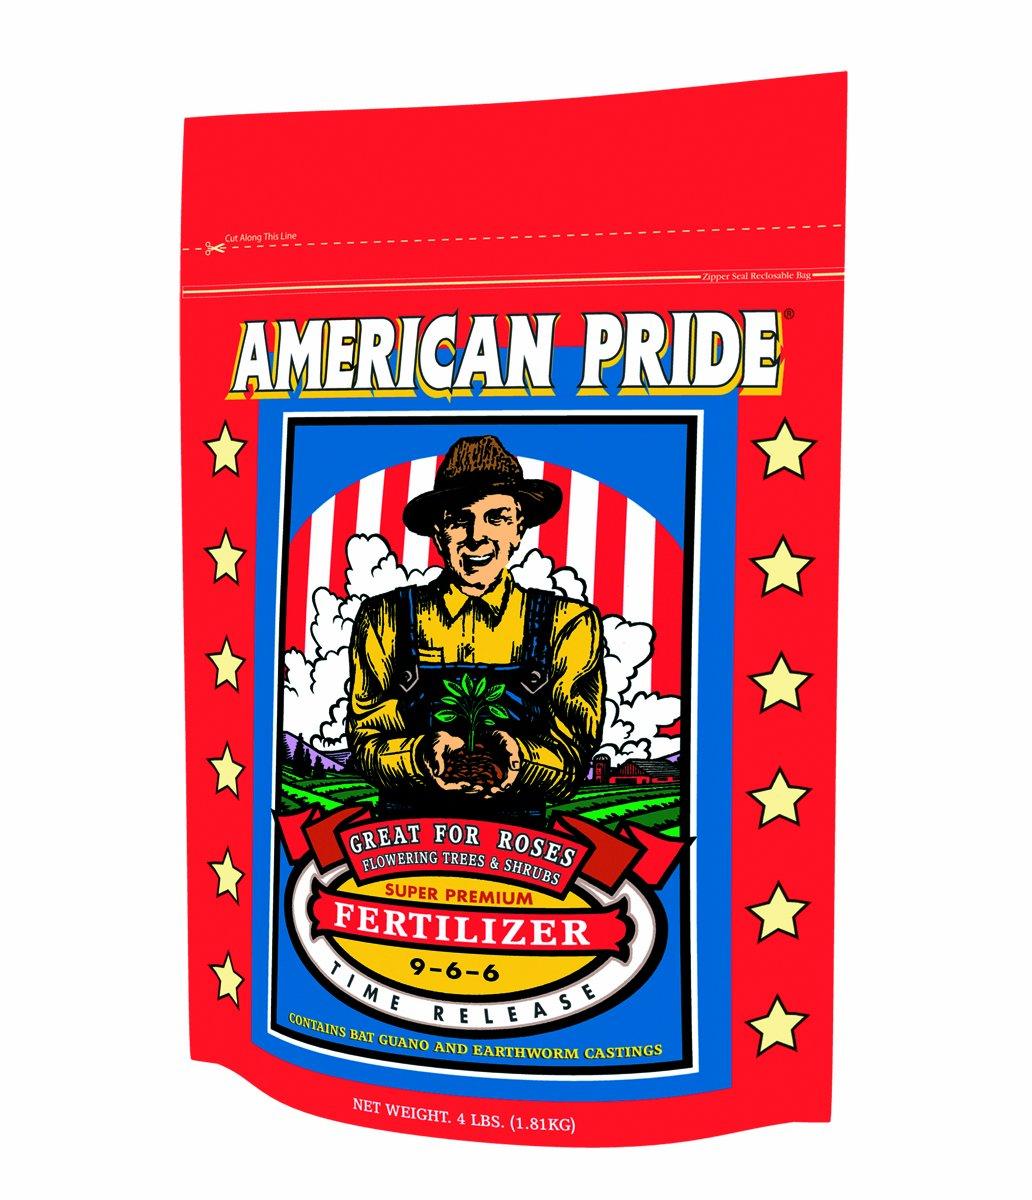 Fox Farm American Pride Dry Fert 20lb FX14015 by Fox Farm